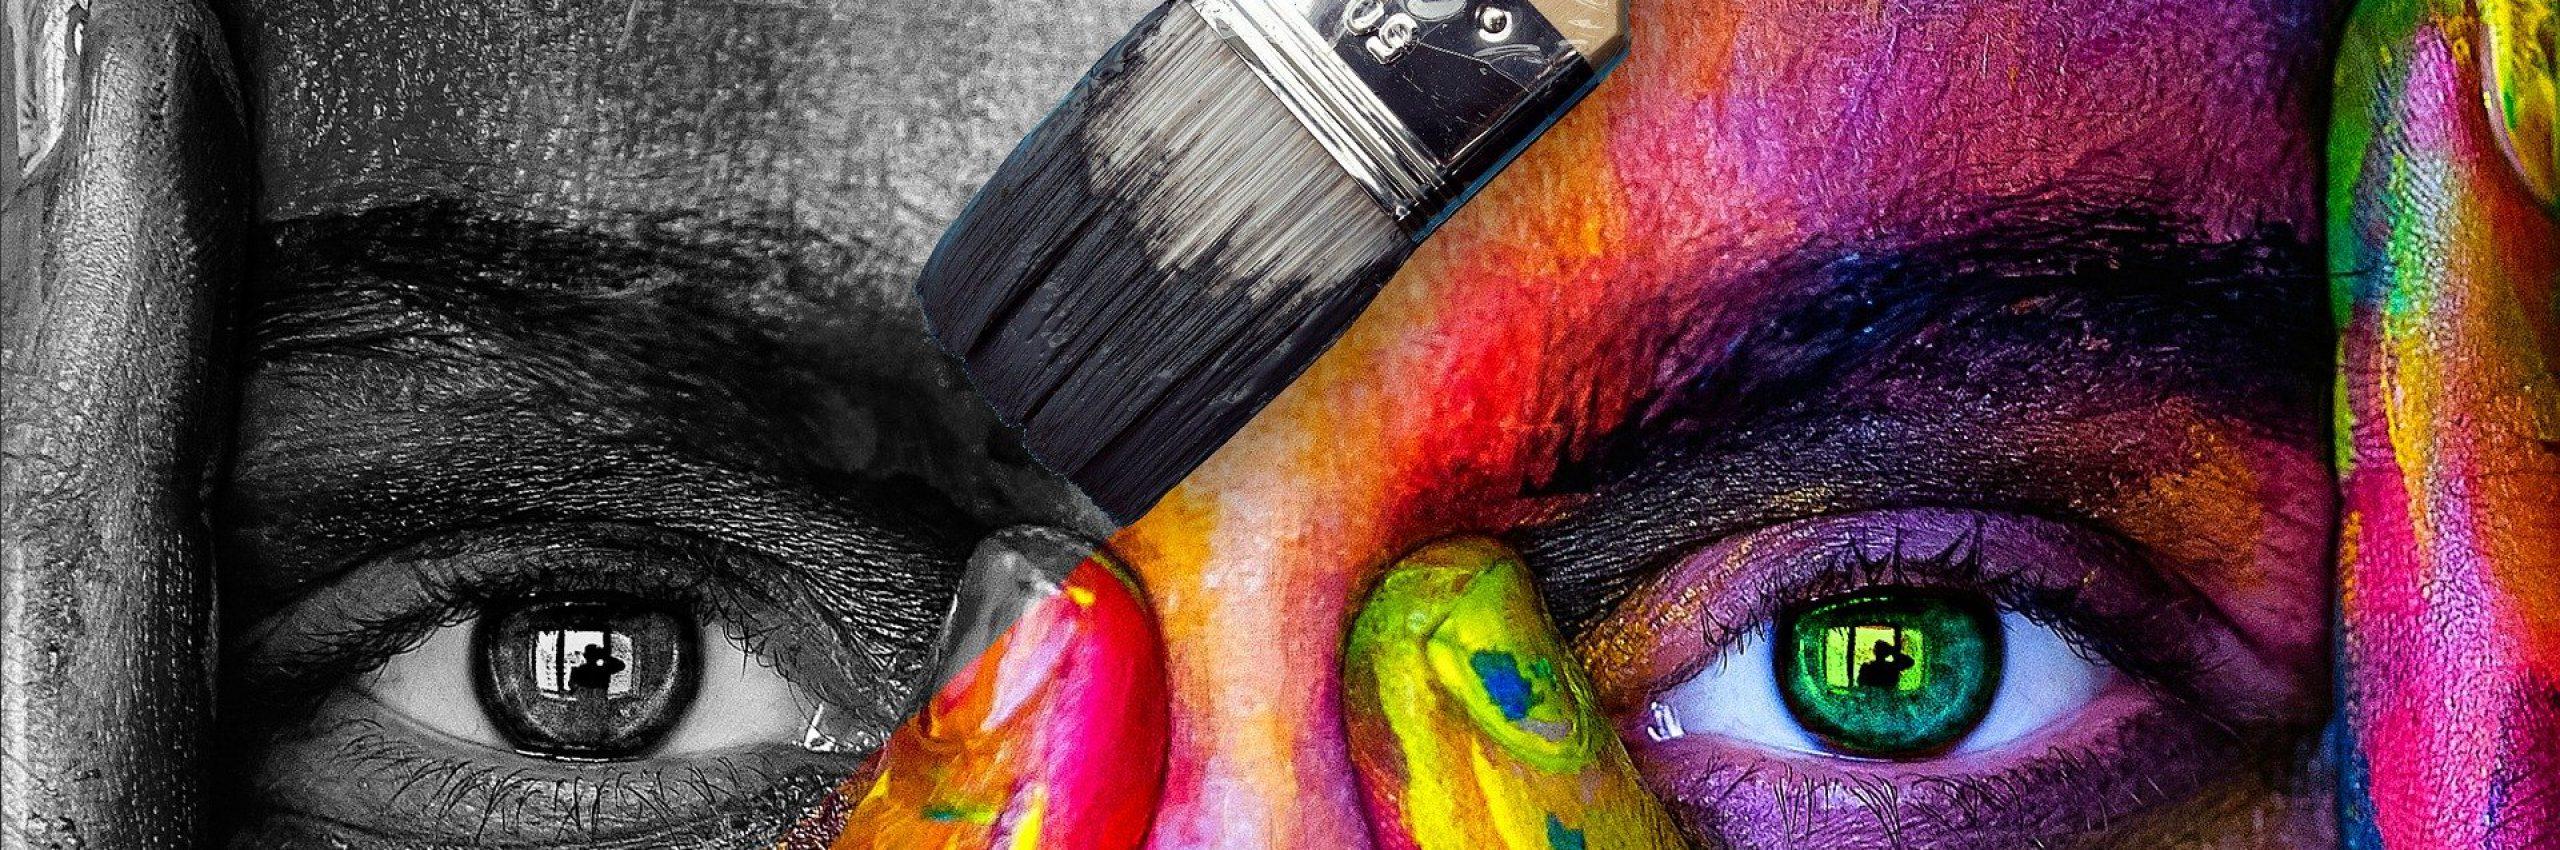 Banner for Kleurenpsychologie – de betekenis van kleuren